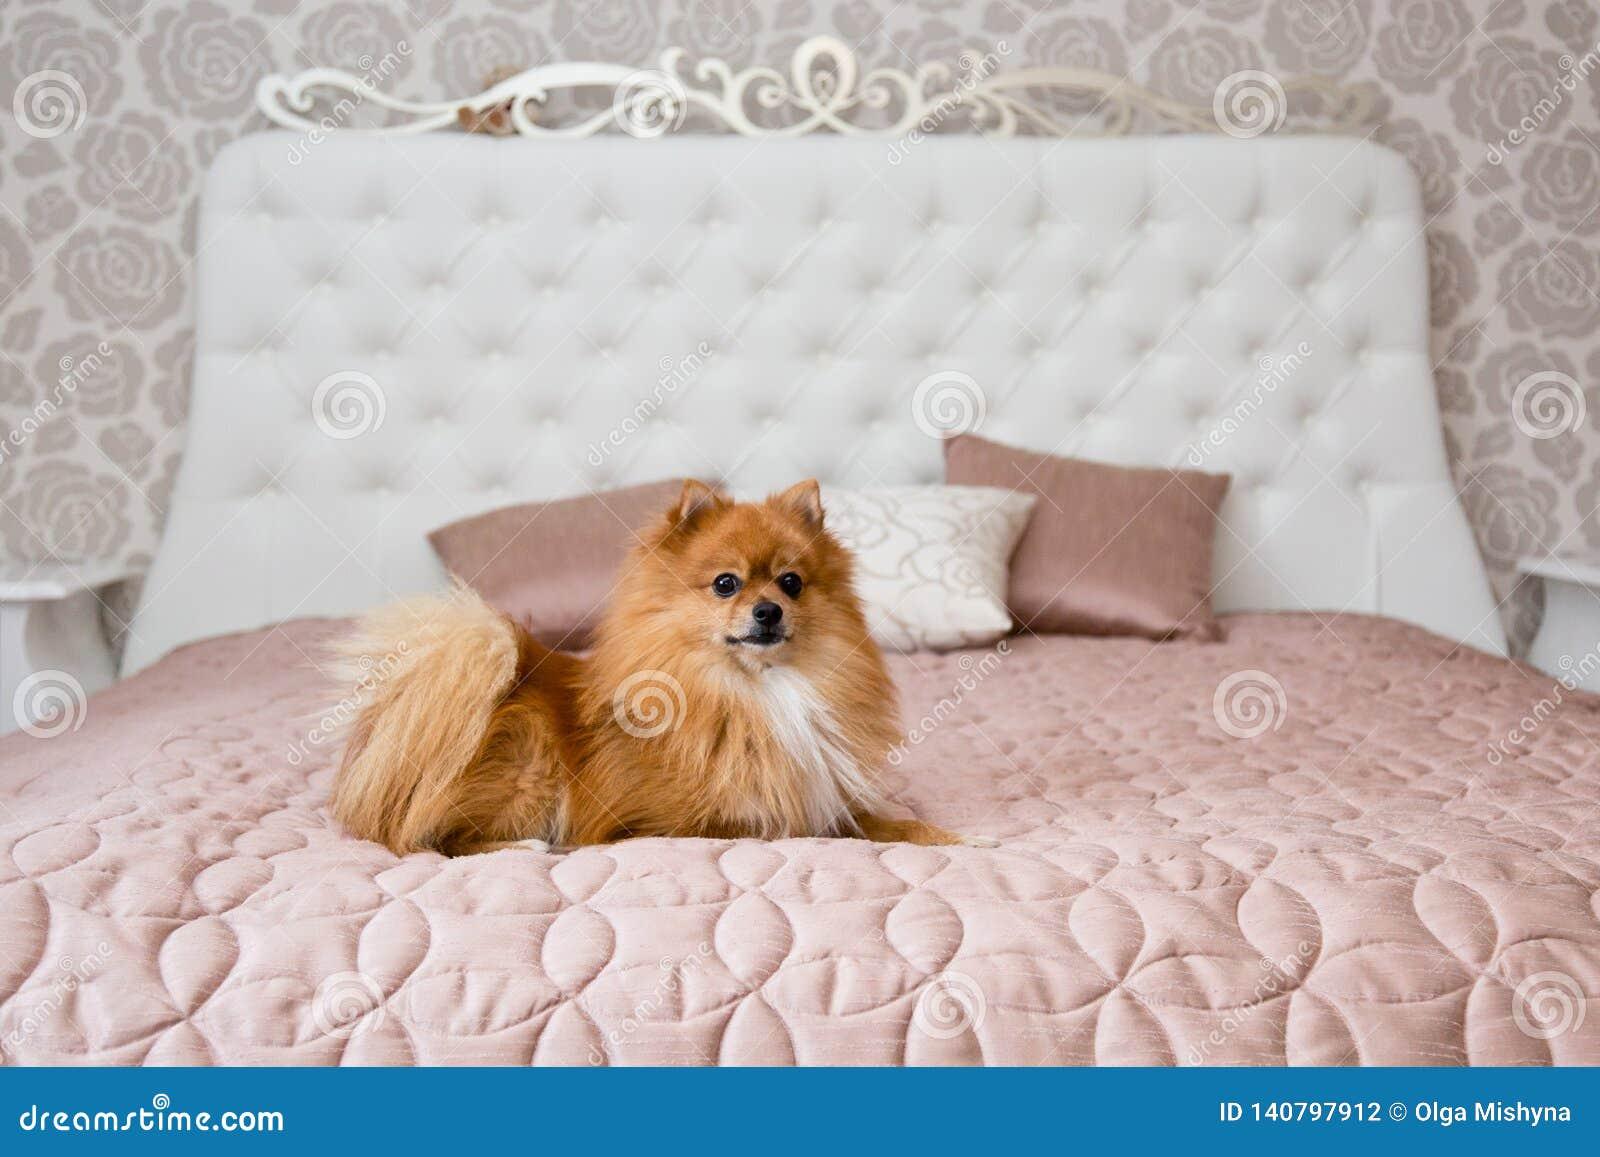 Husky dogpomeranian dog on a bed